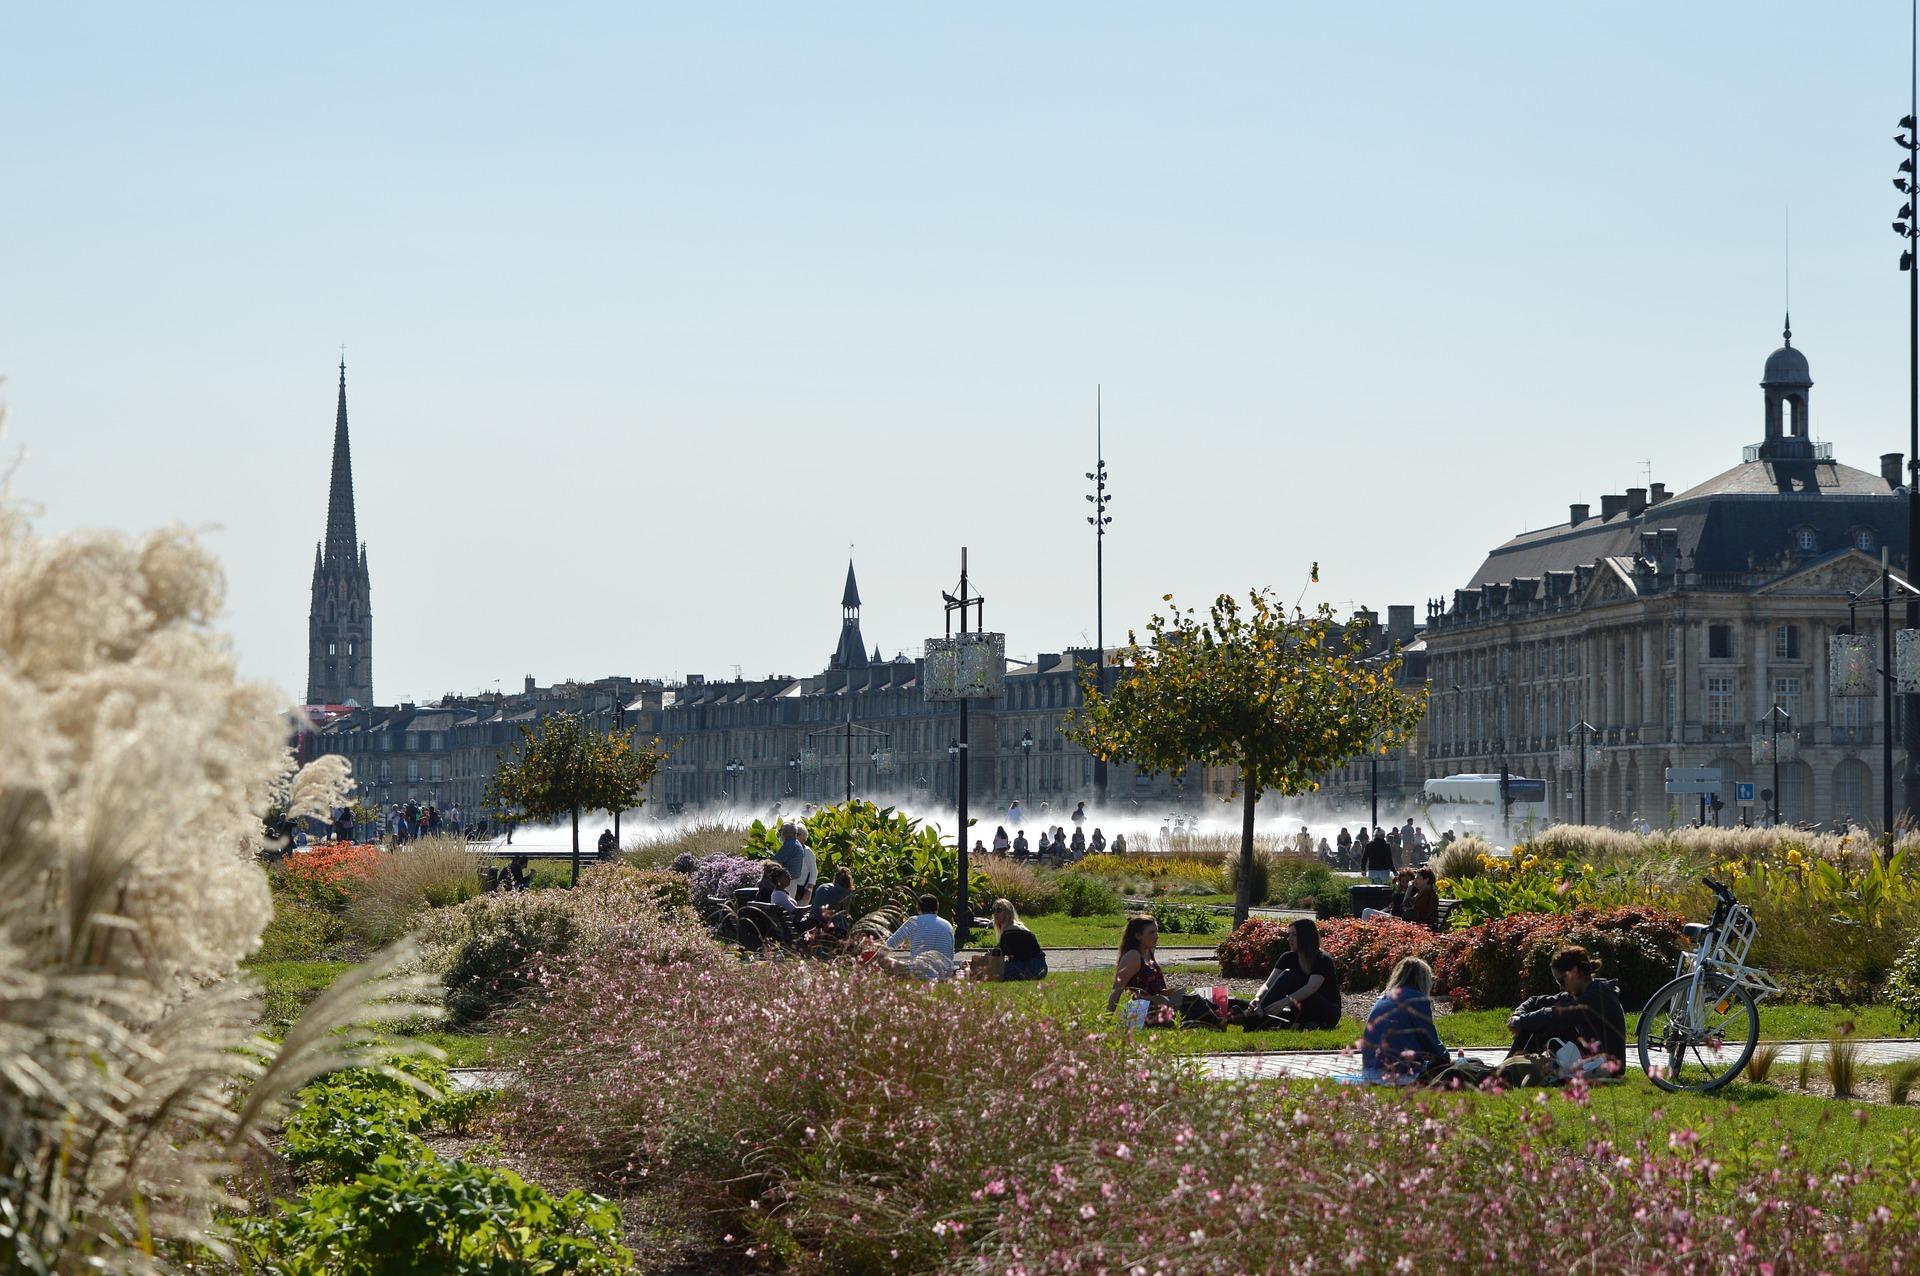 Bordeaux_1_CC0.jpg?1544802038